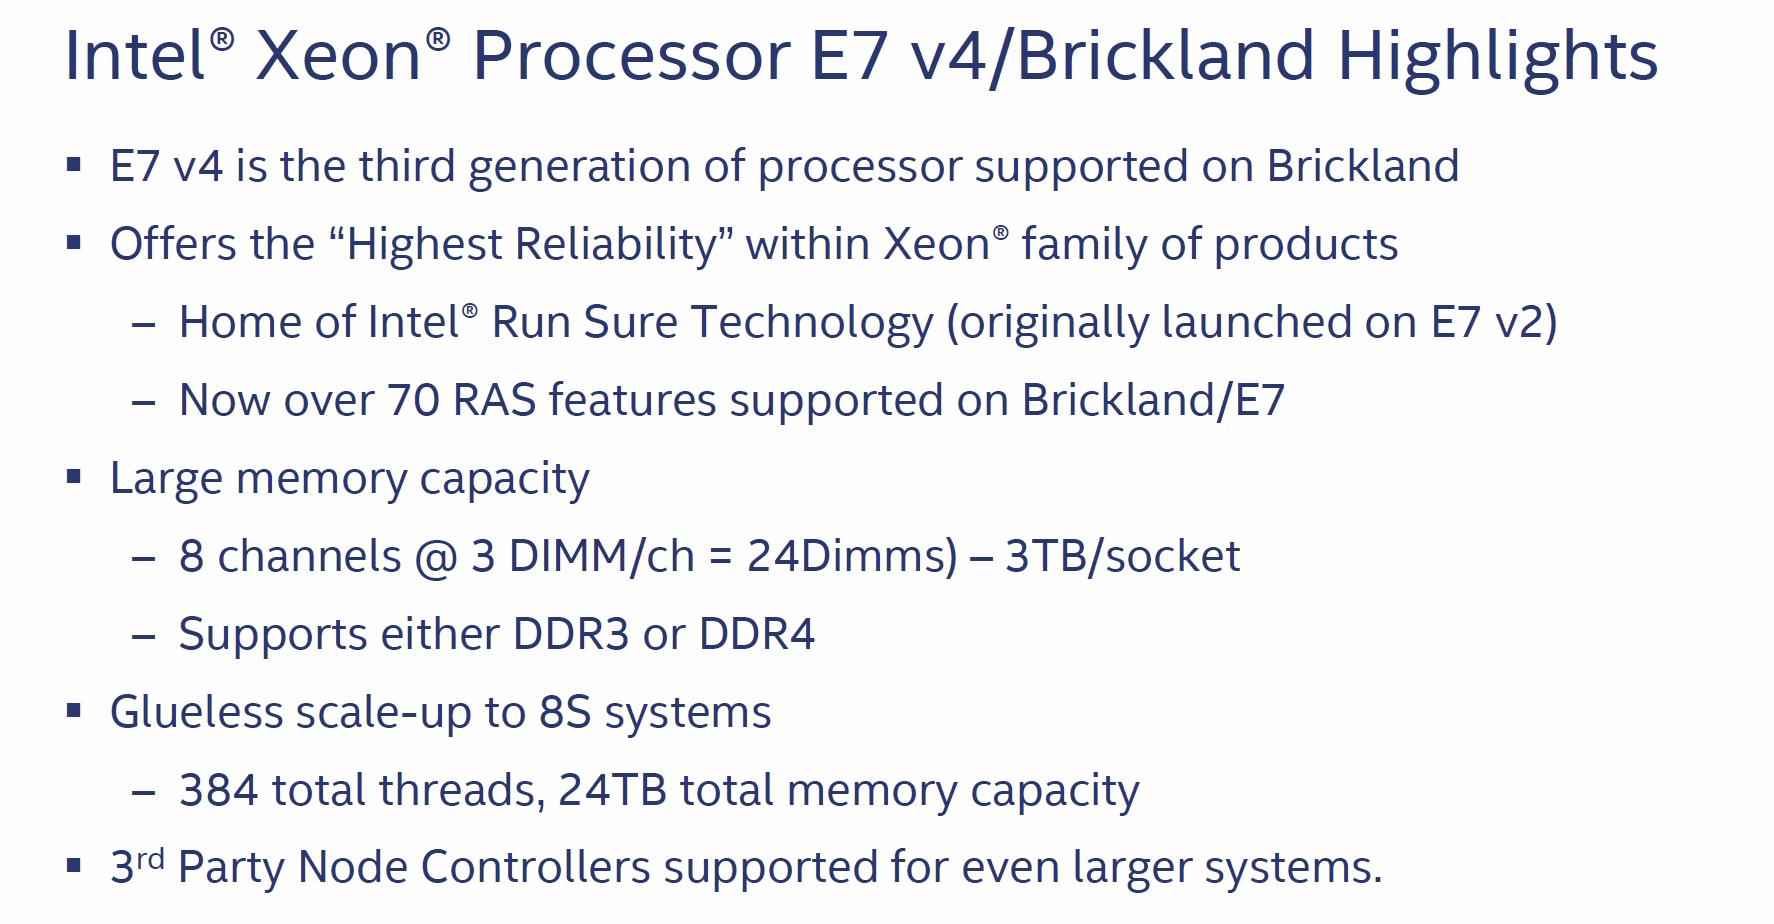 Highlights der Brickland-Plattform